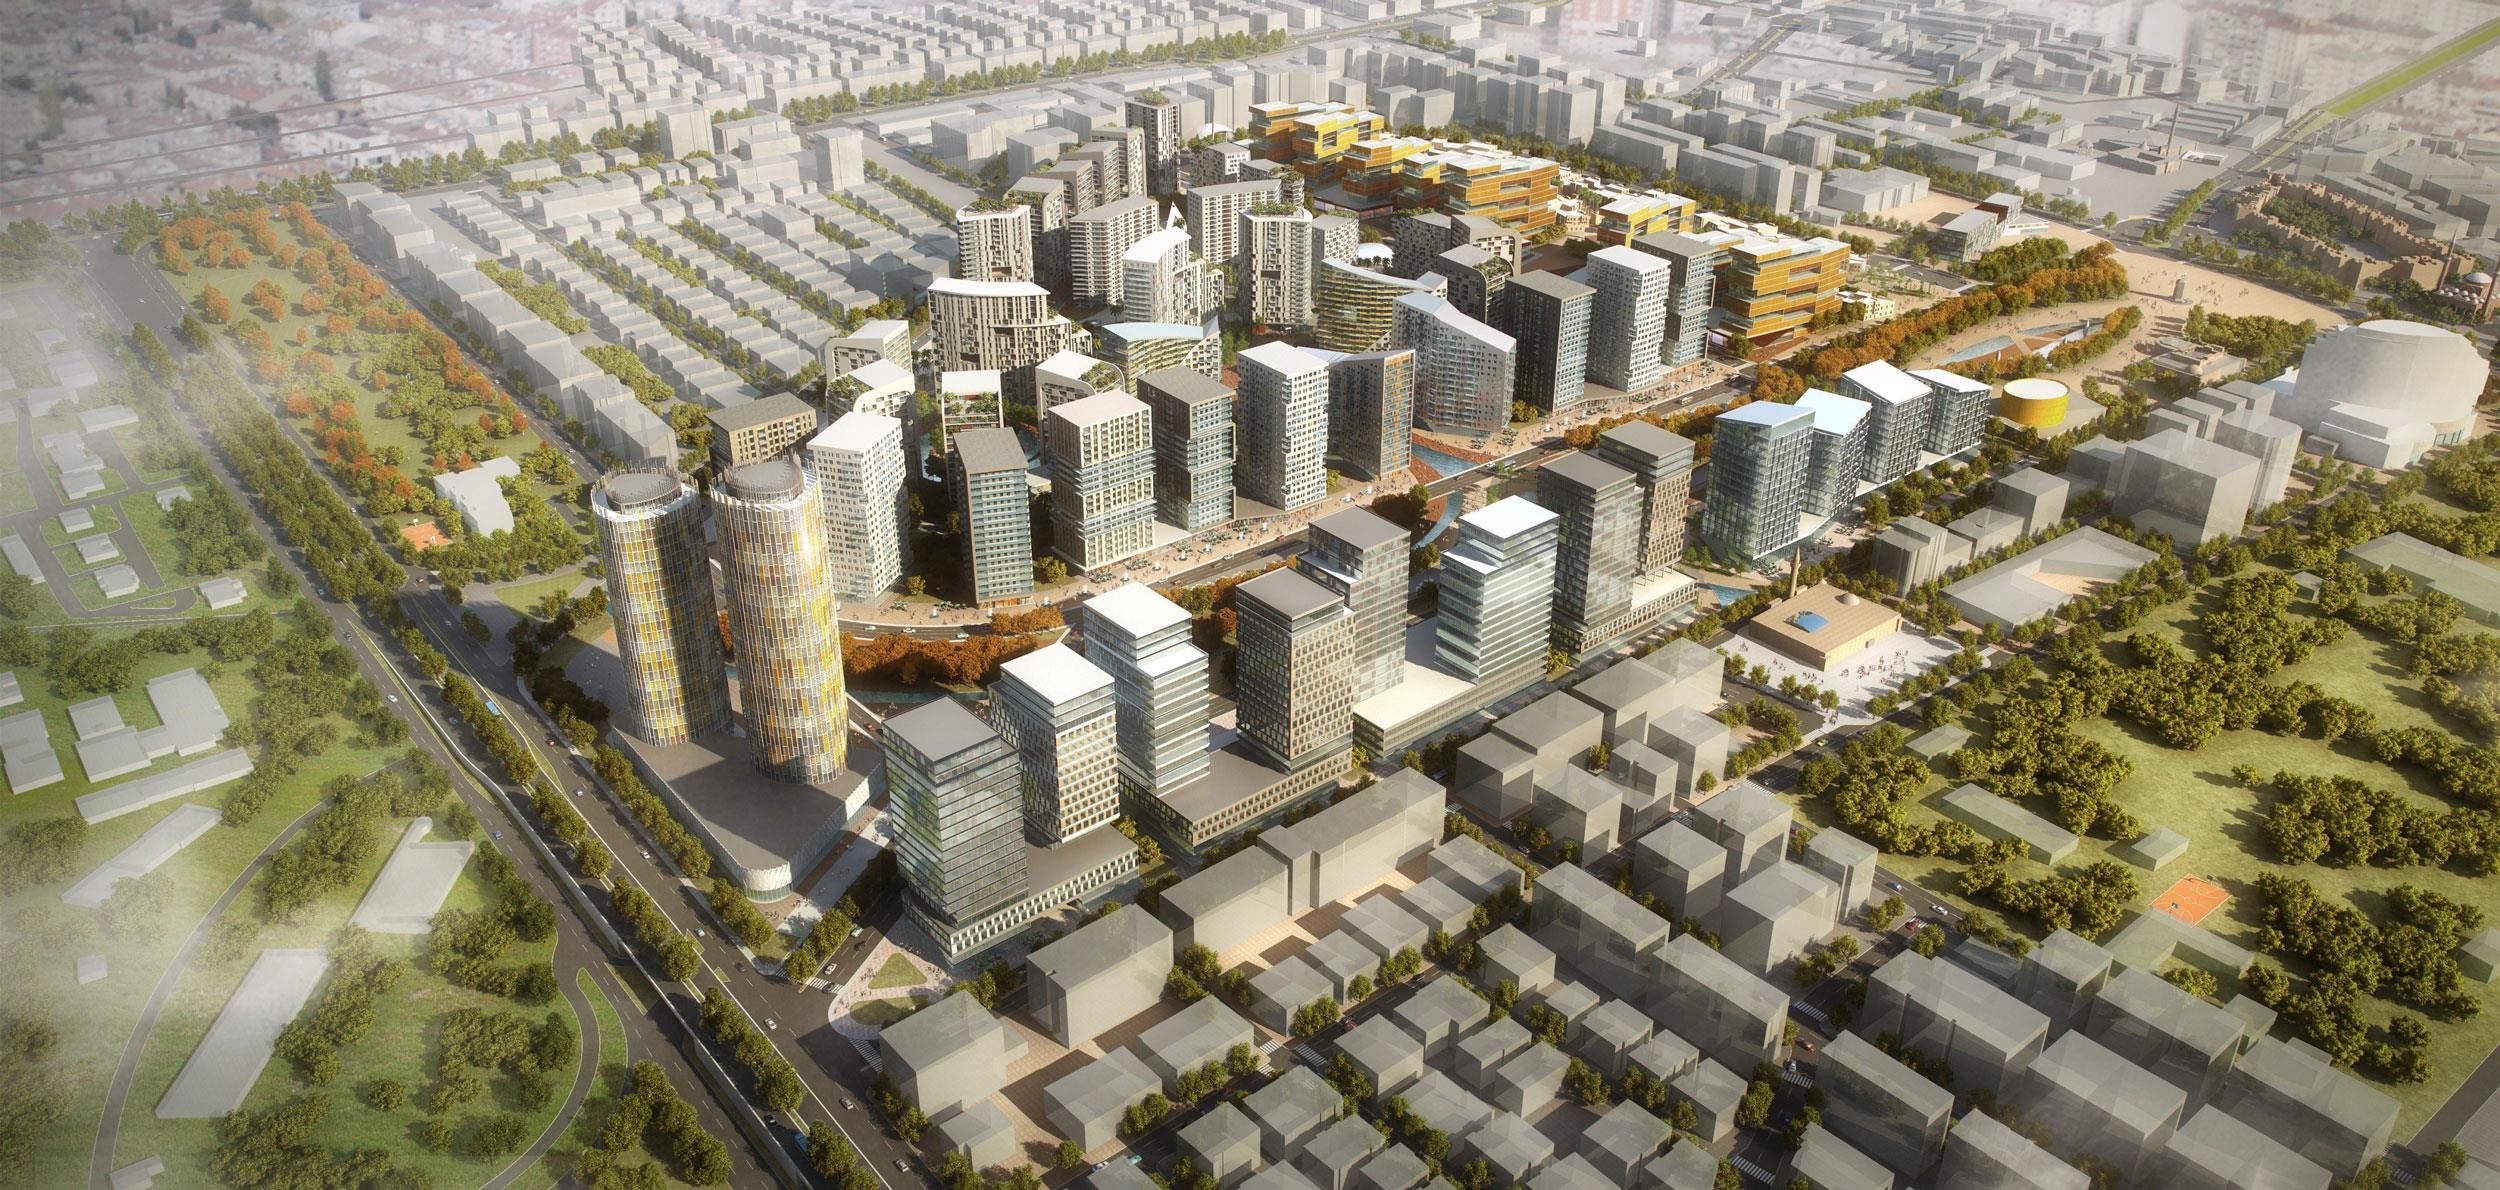 Kayseri Sahabiye Urban Design